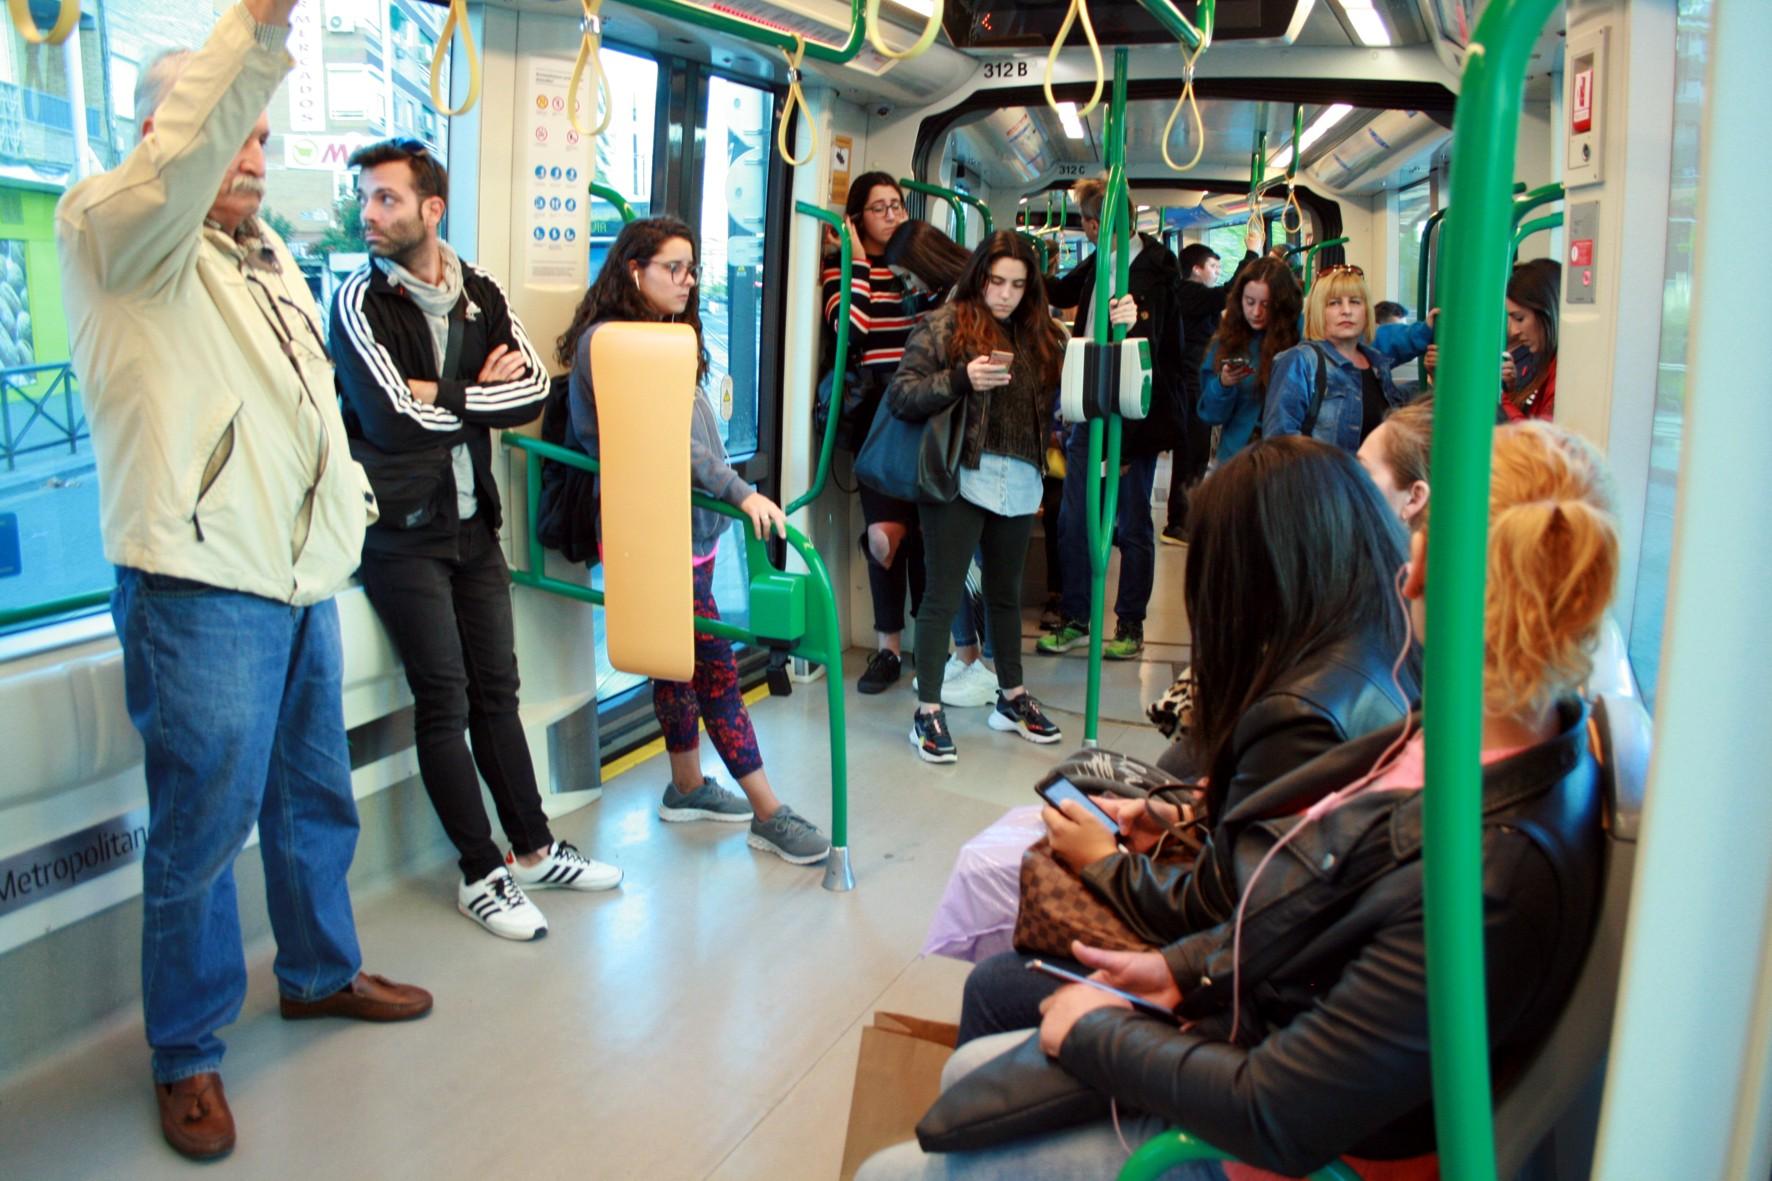 El metro transporta a más de un millón de viajeros en enero